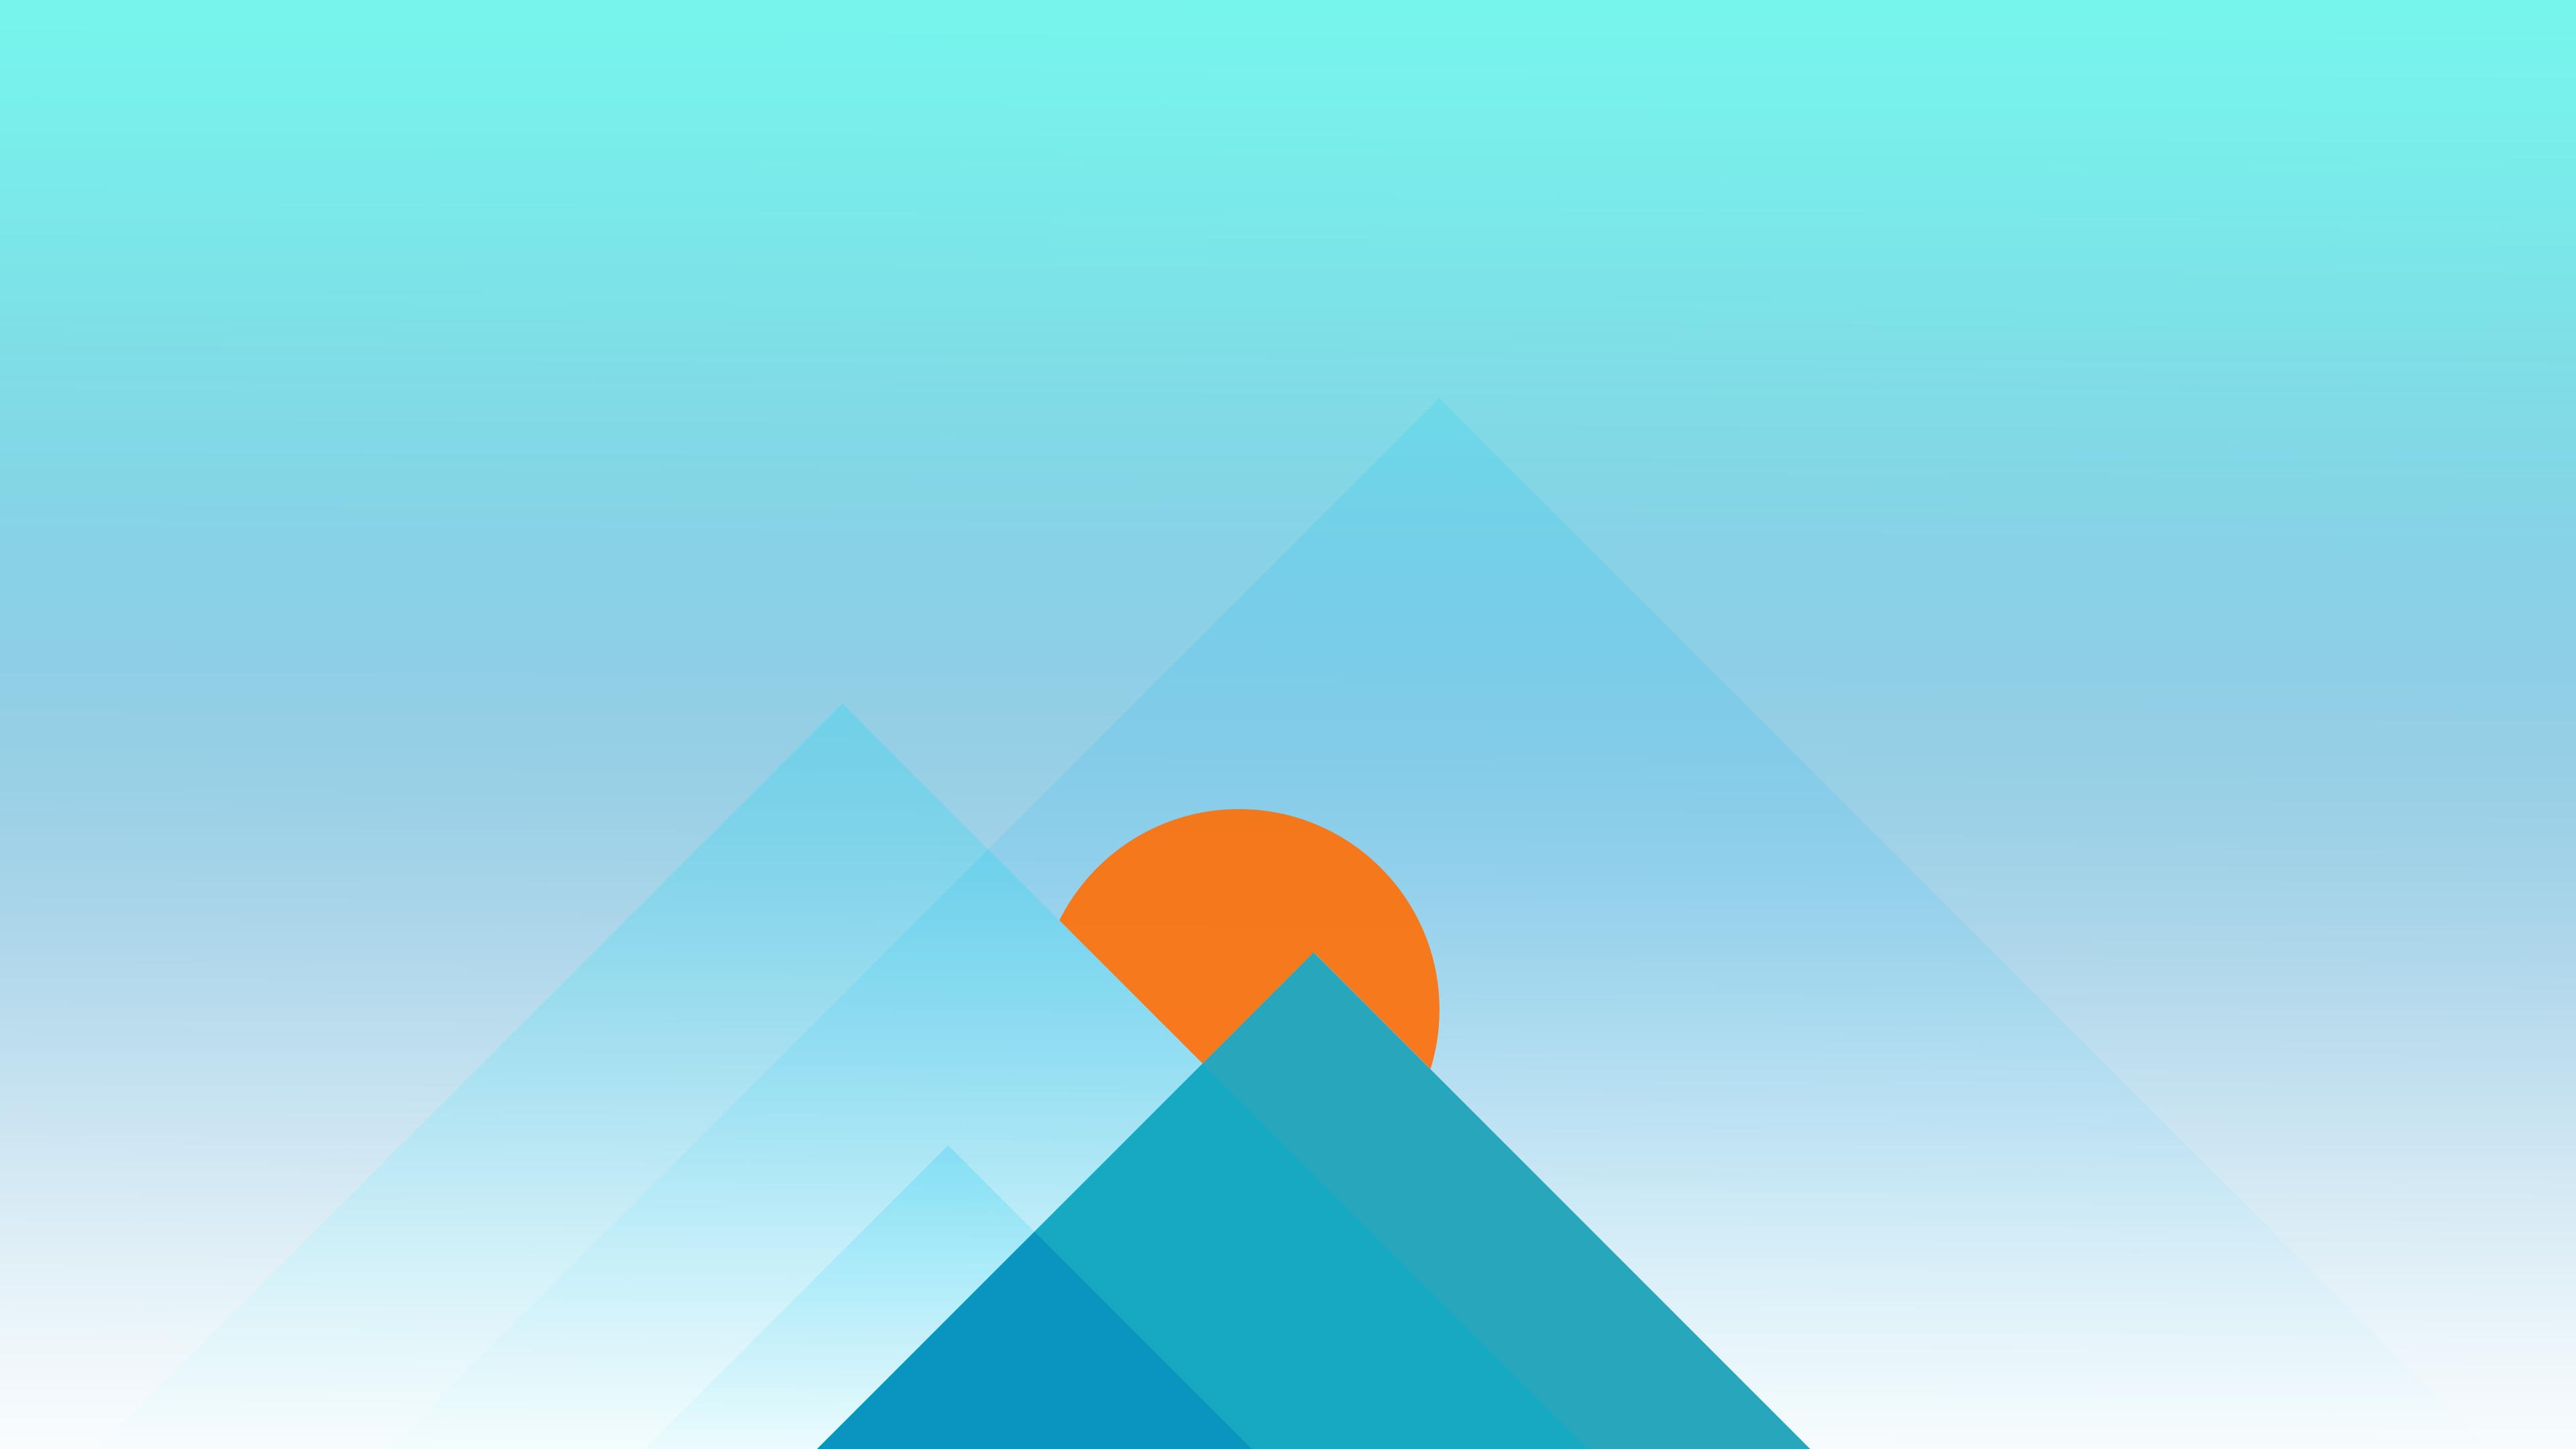 mountains sunrise minimal 4k 1618131998 - Mountains Sunrise Minimal 4k - Mountains Sunrise Minimal 4k wallpapers